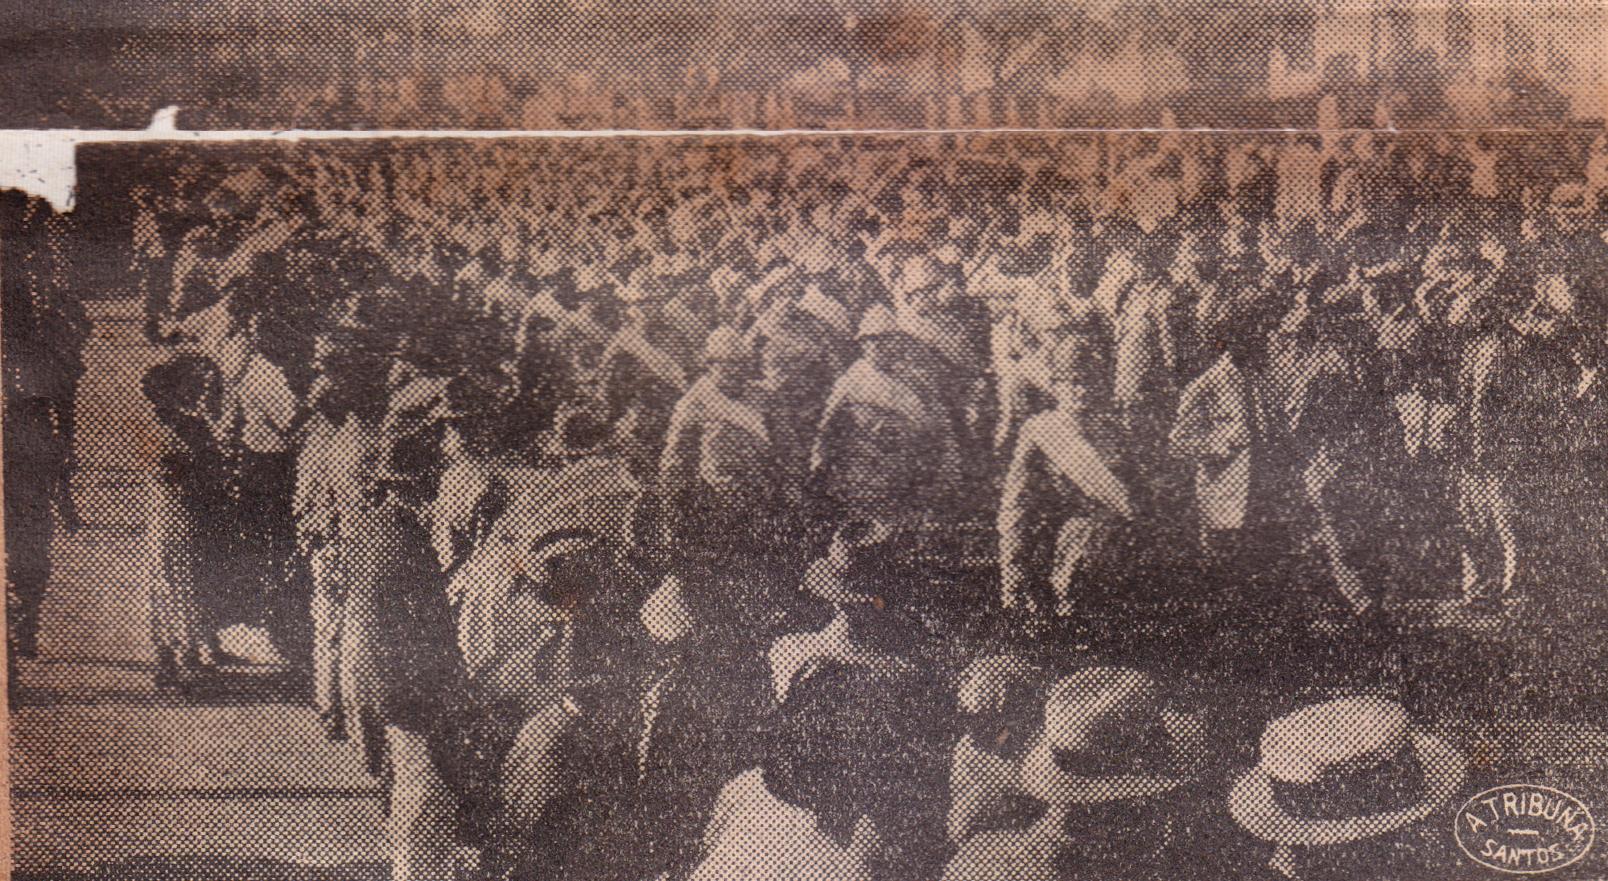 Os reservistas que se achavam incorporados à Milícia Cívica de Santos foram em marcha na direção do Valongo visando o embarque para a Capital.